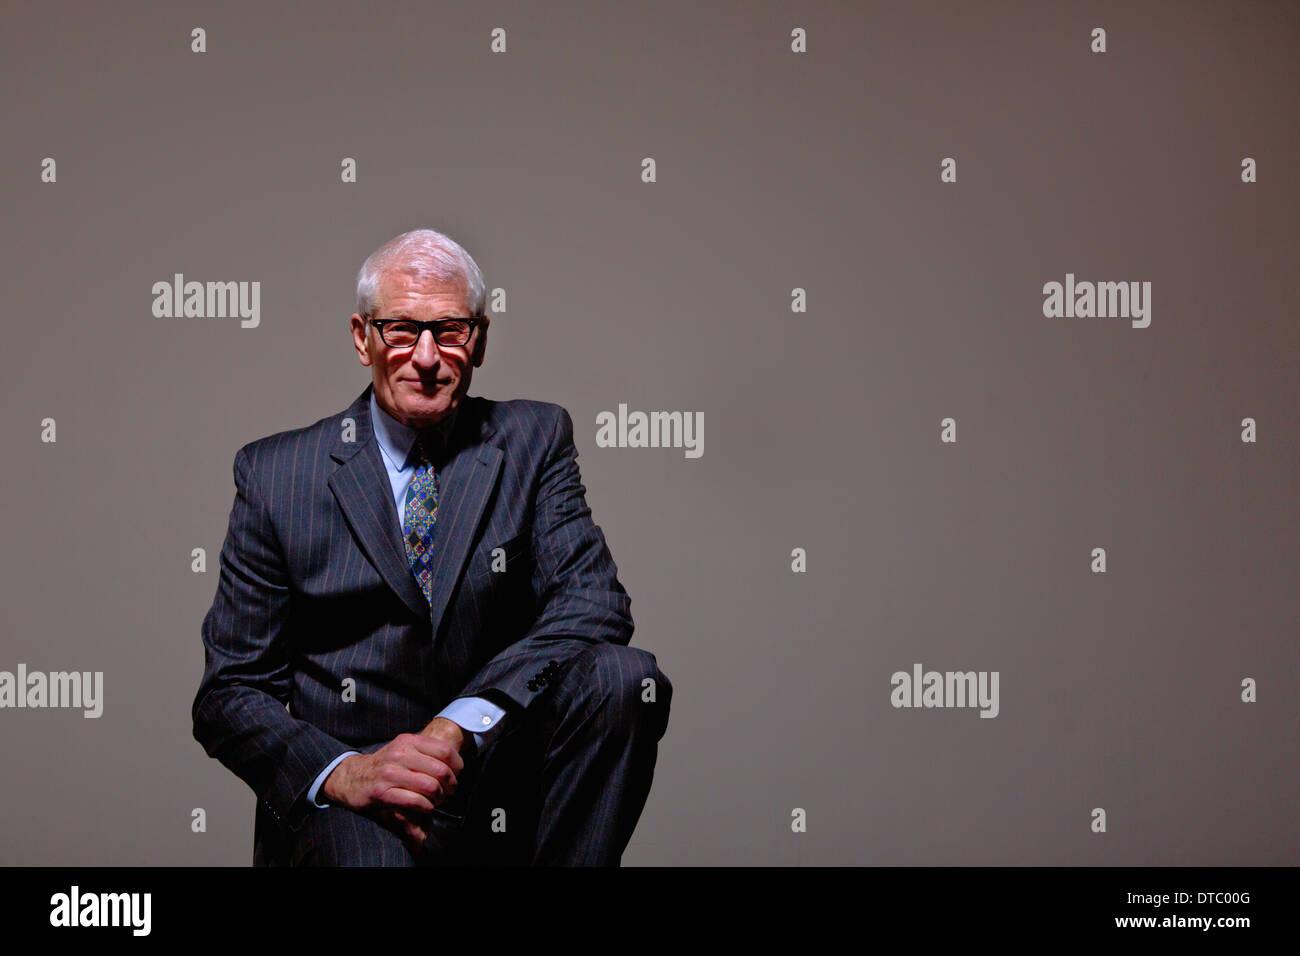 Studio portrait of cool senior man in suit - Stock Image